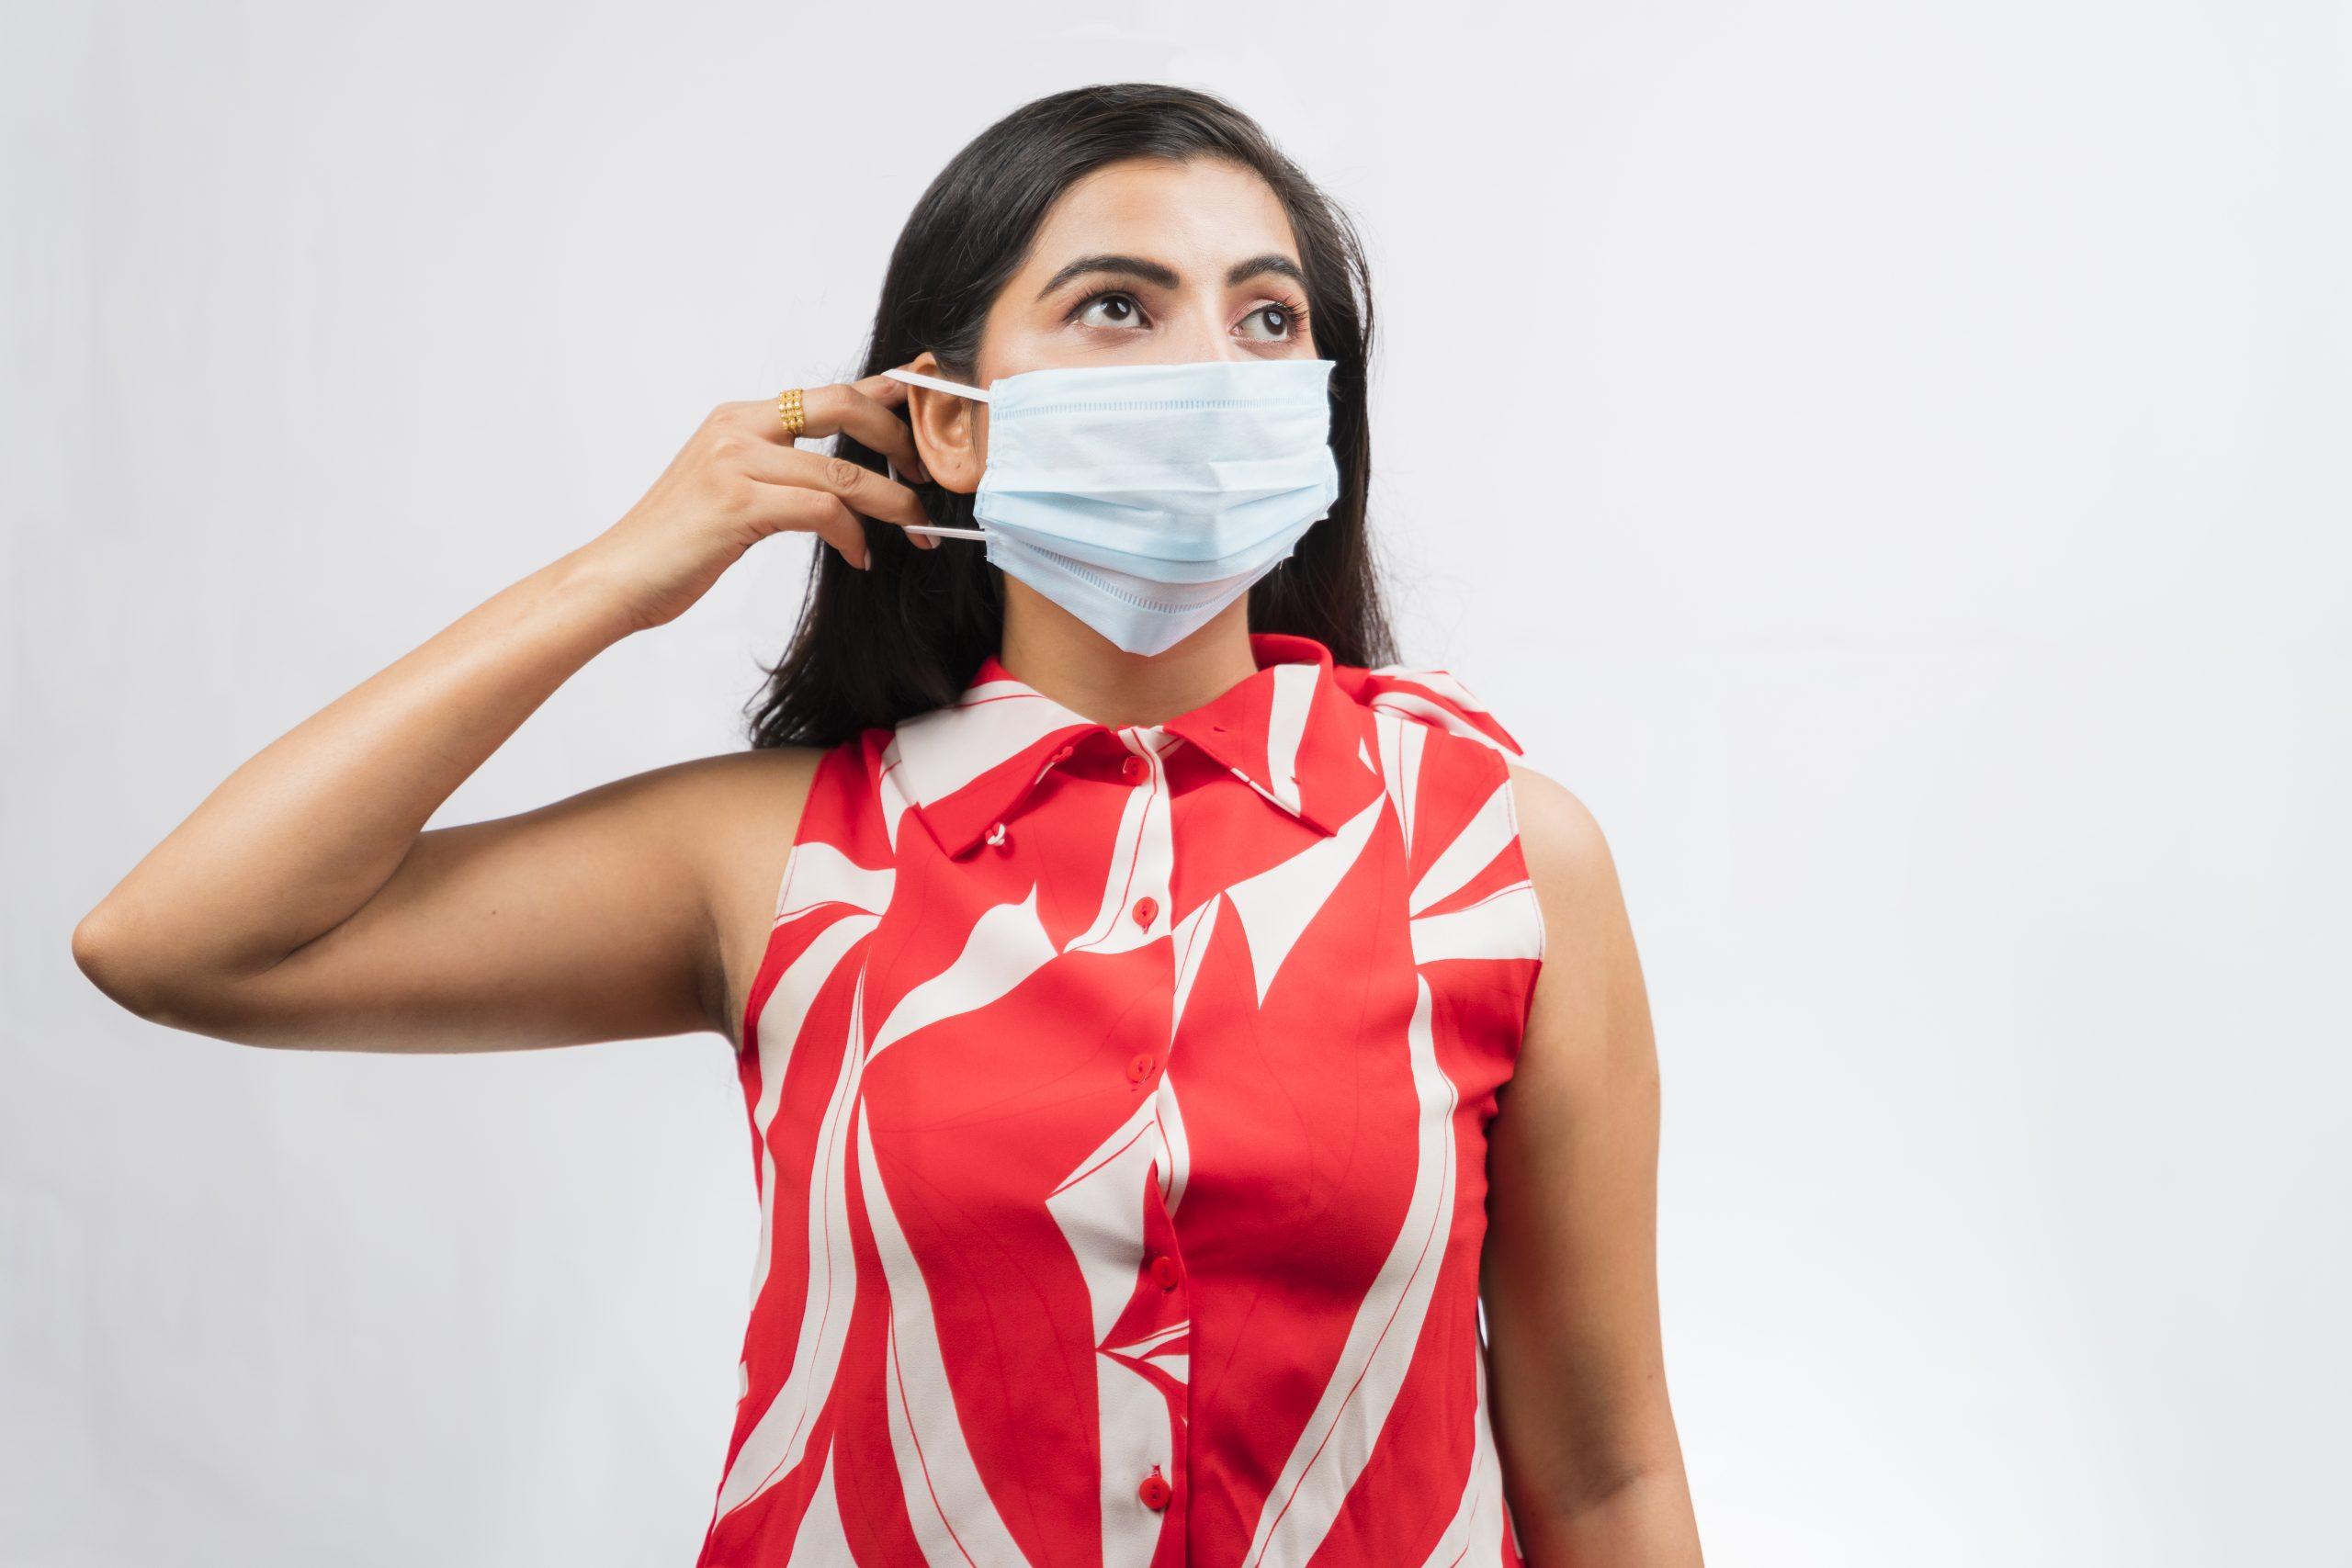 Indian girl wearing mask